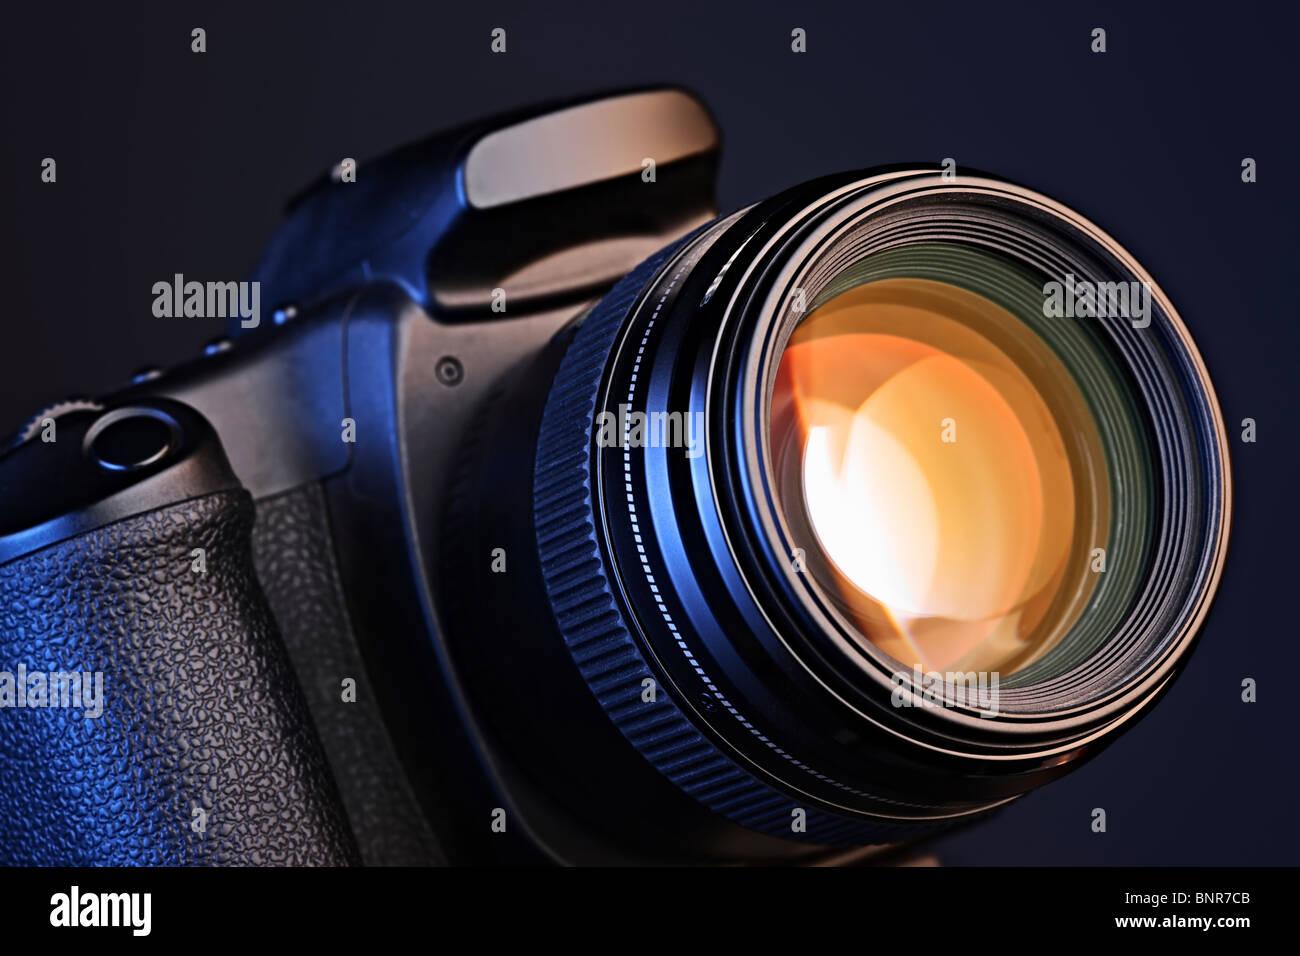 Appareil photo numérique avec un objectif Photo Stock